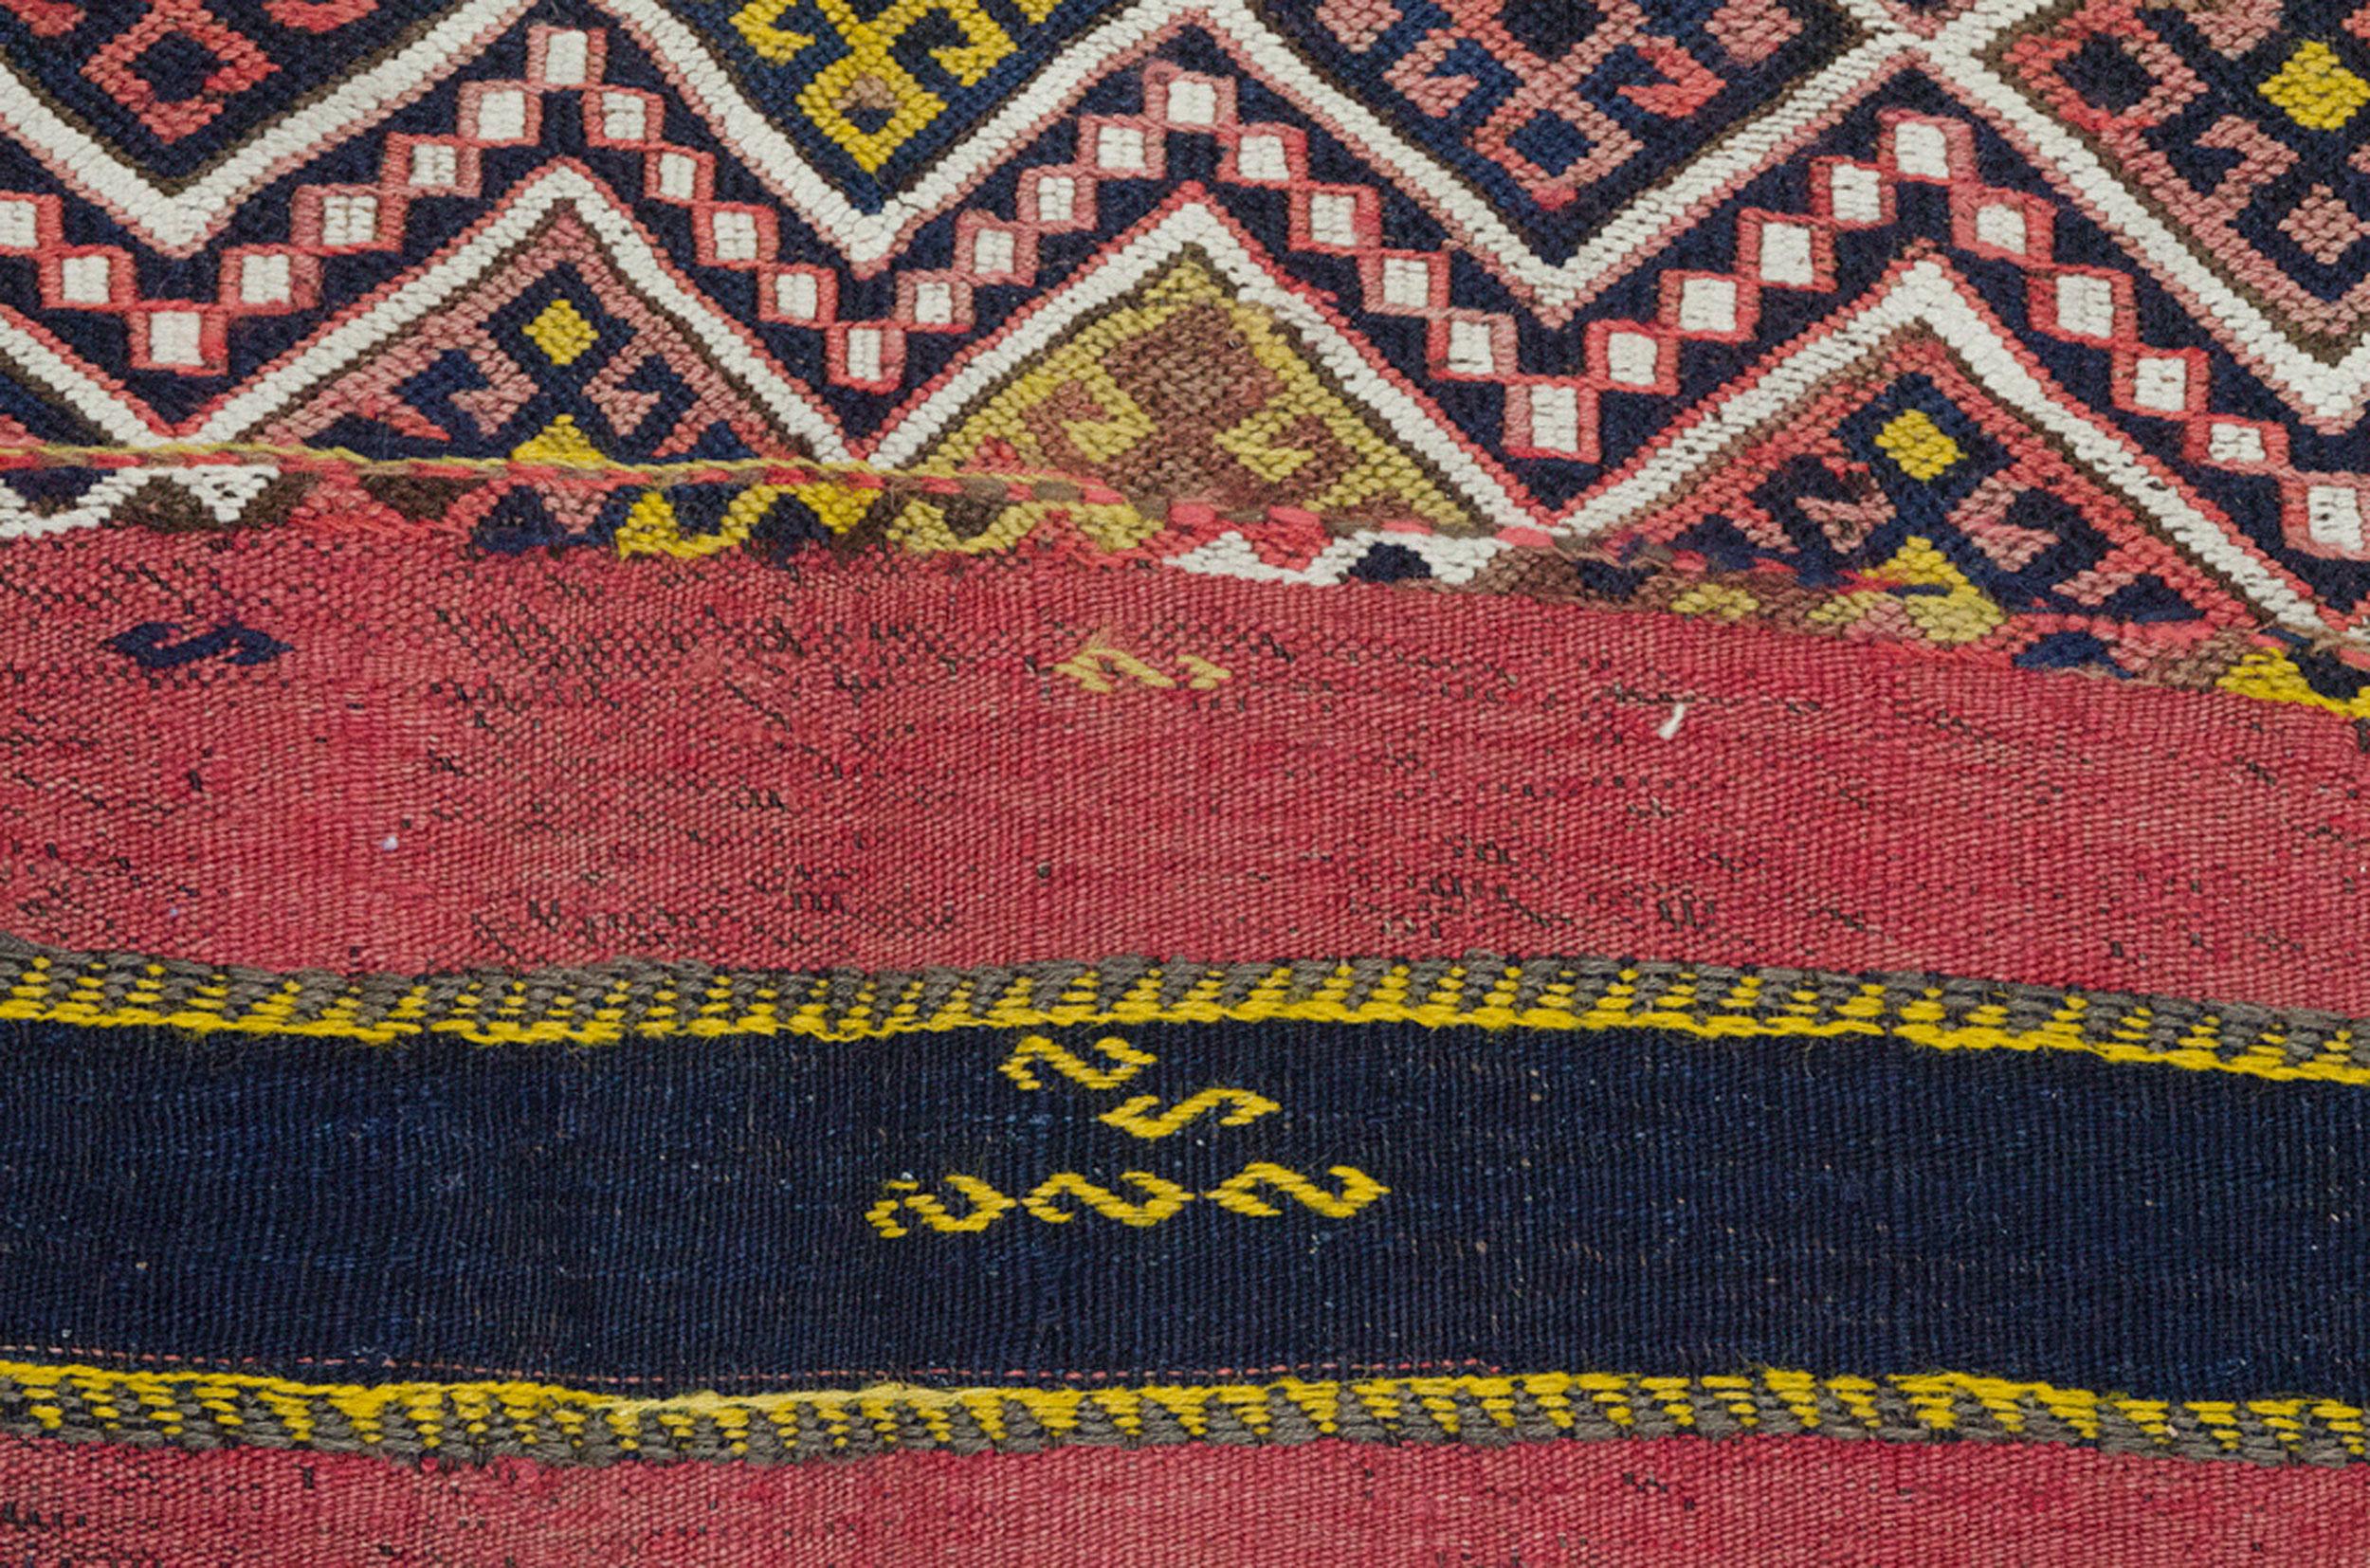 Antique Kordi Kilim Carpet 305x139cm